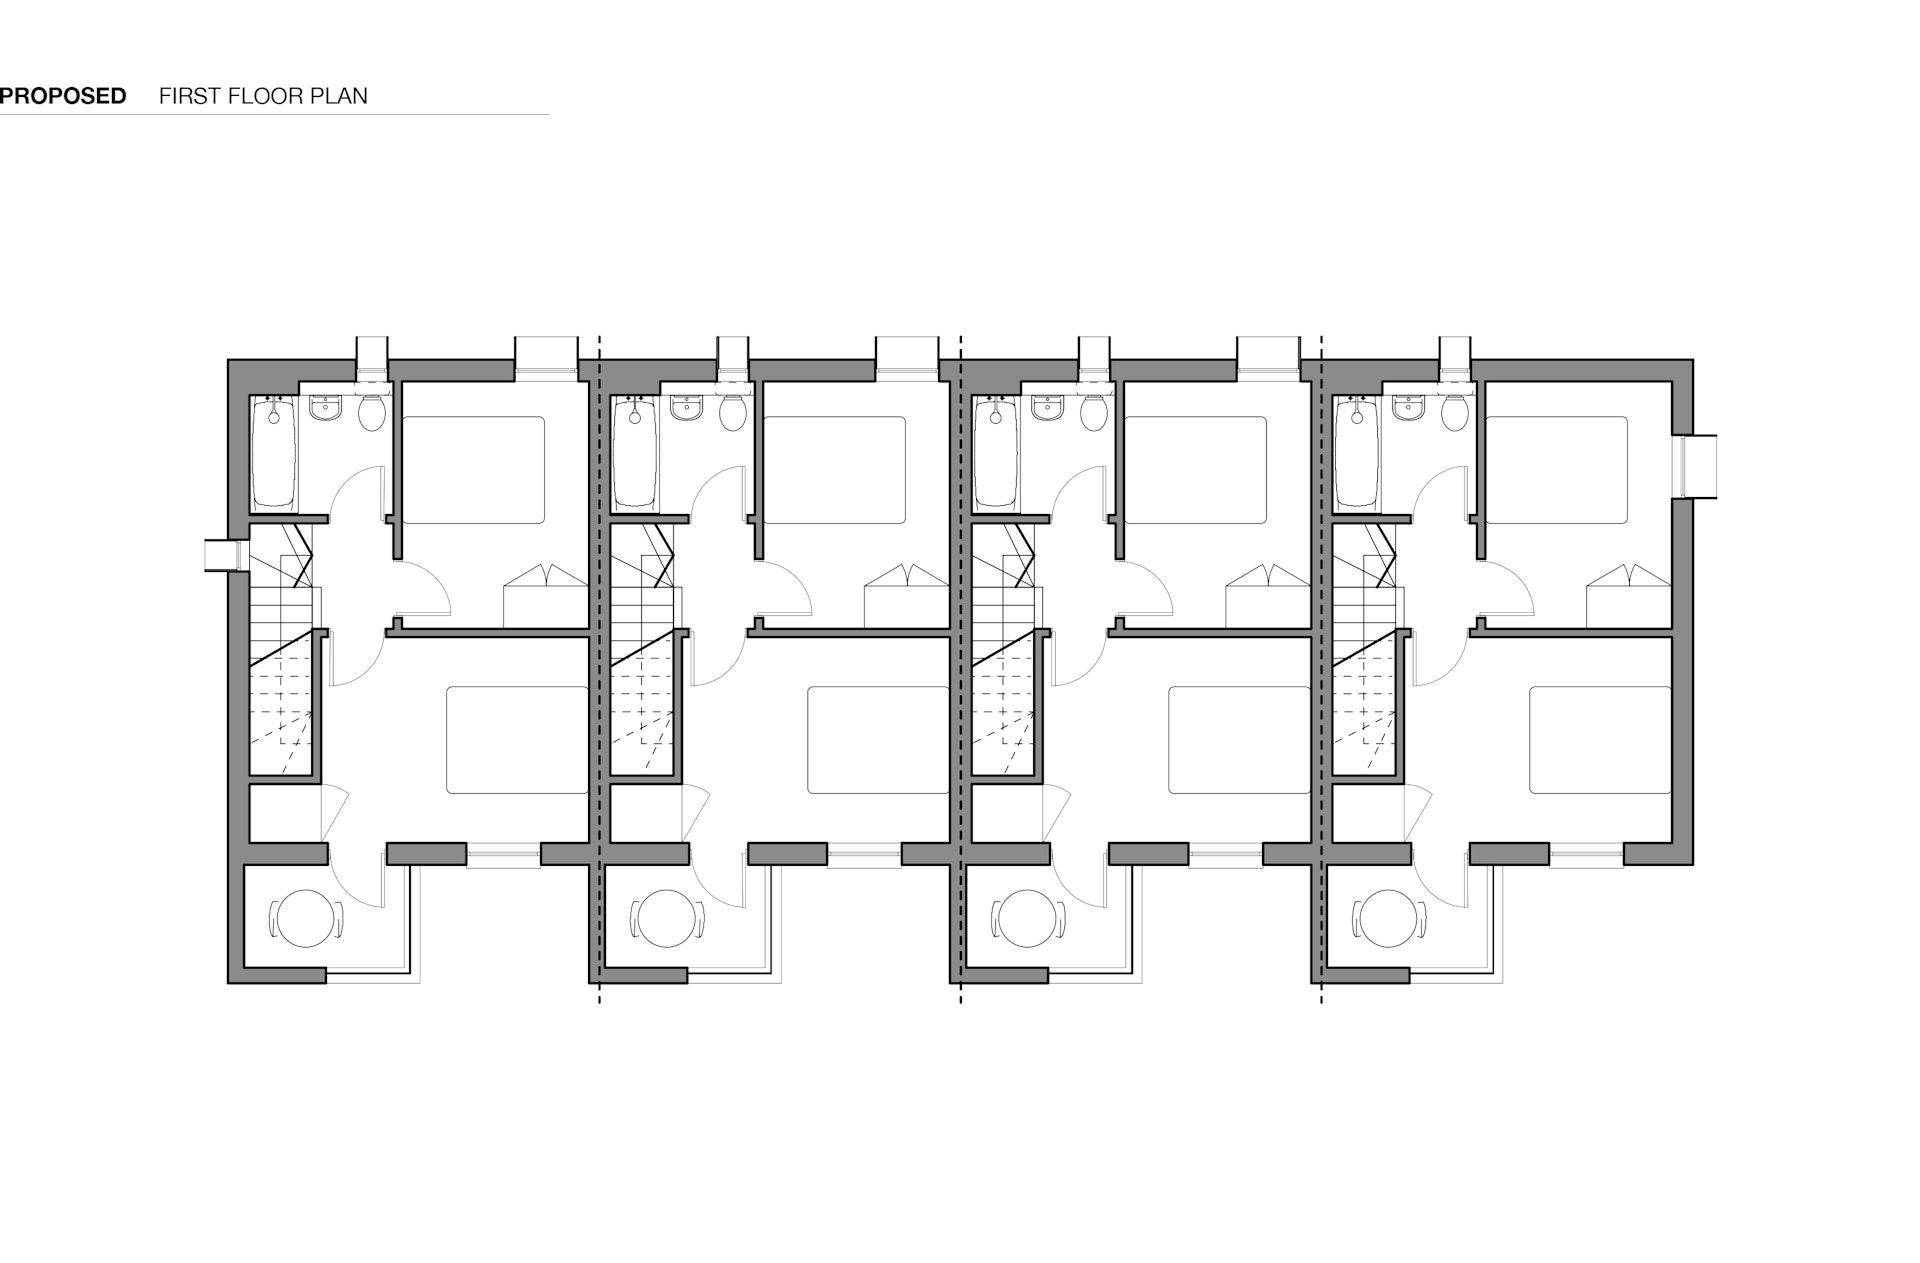 1326_first floor